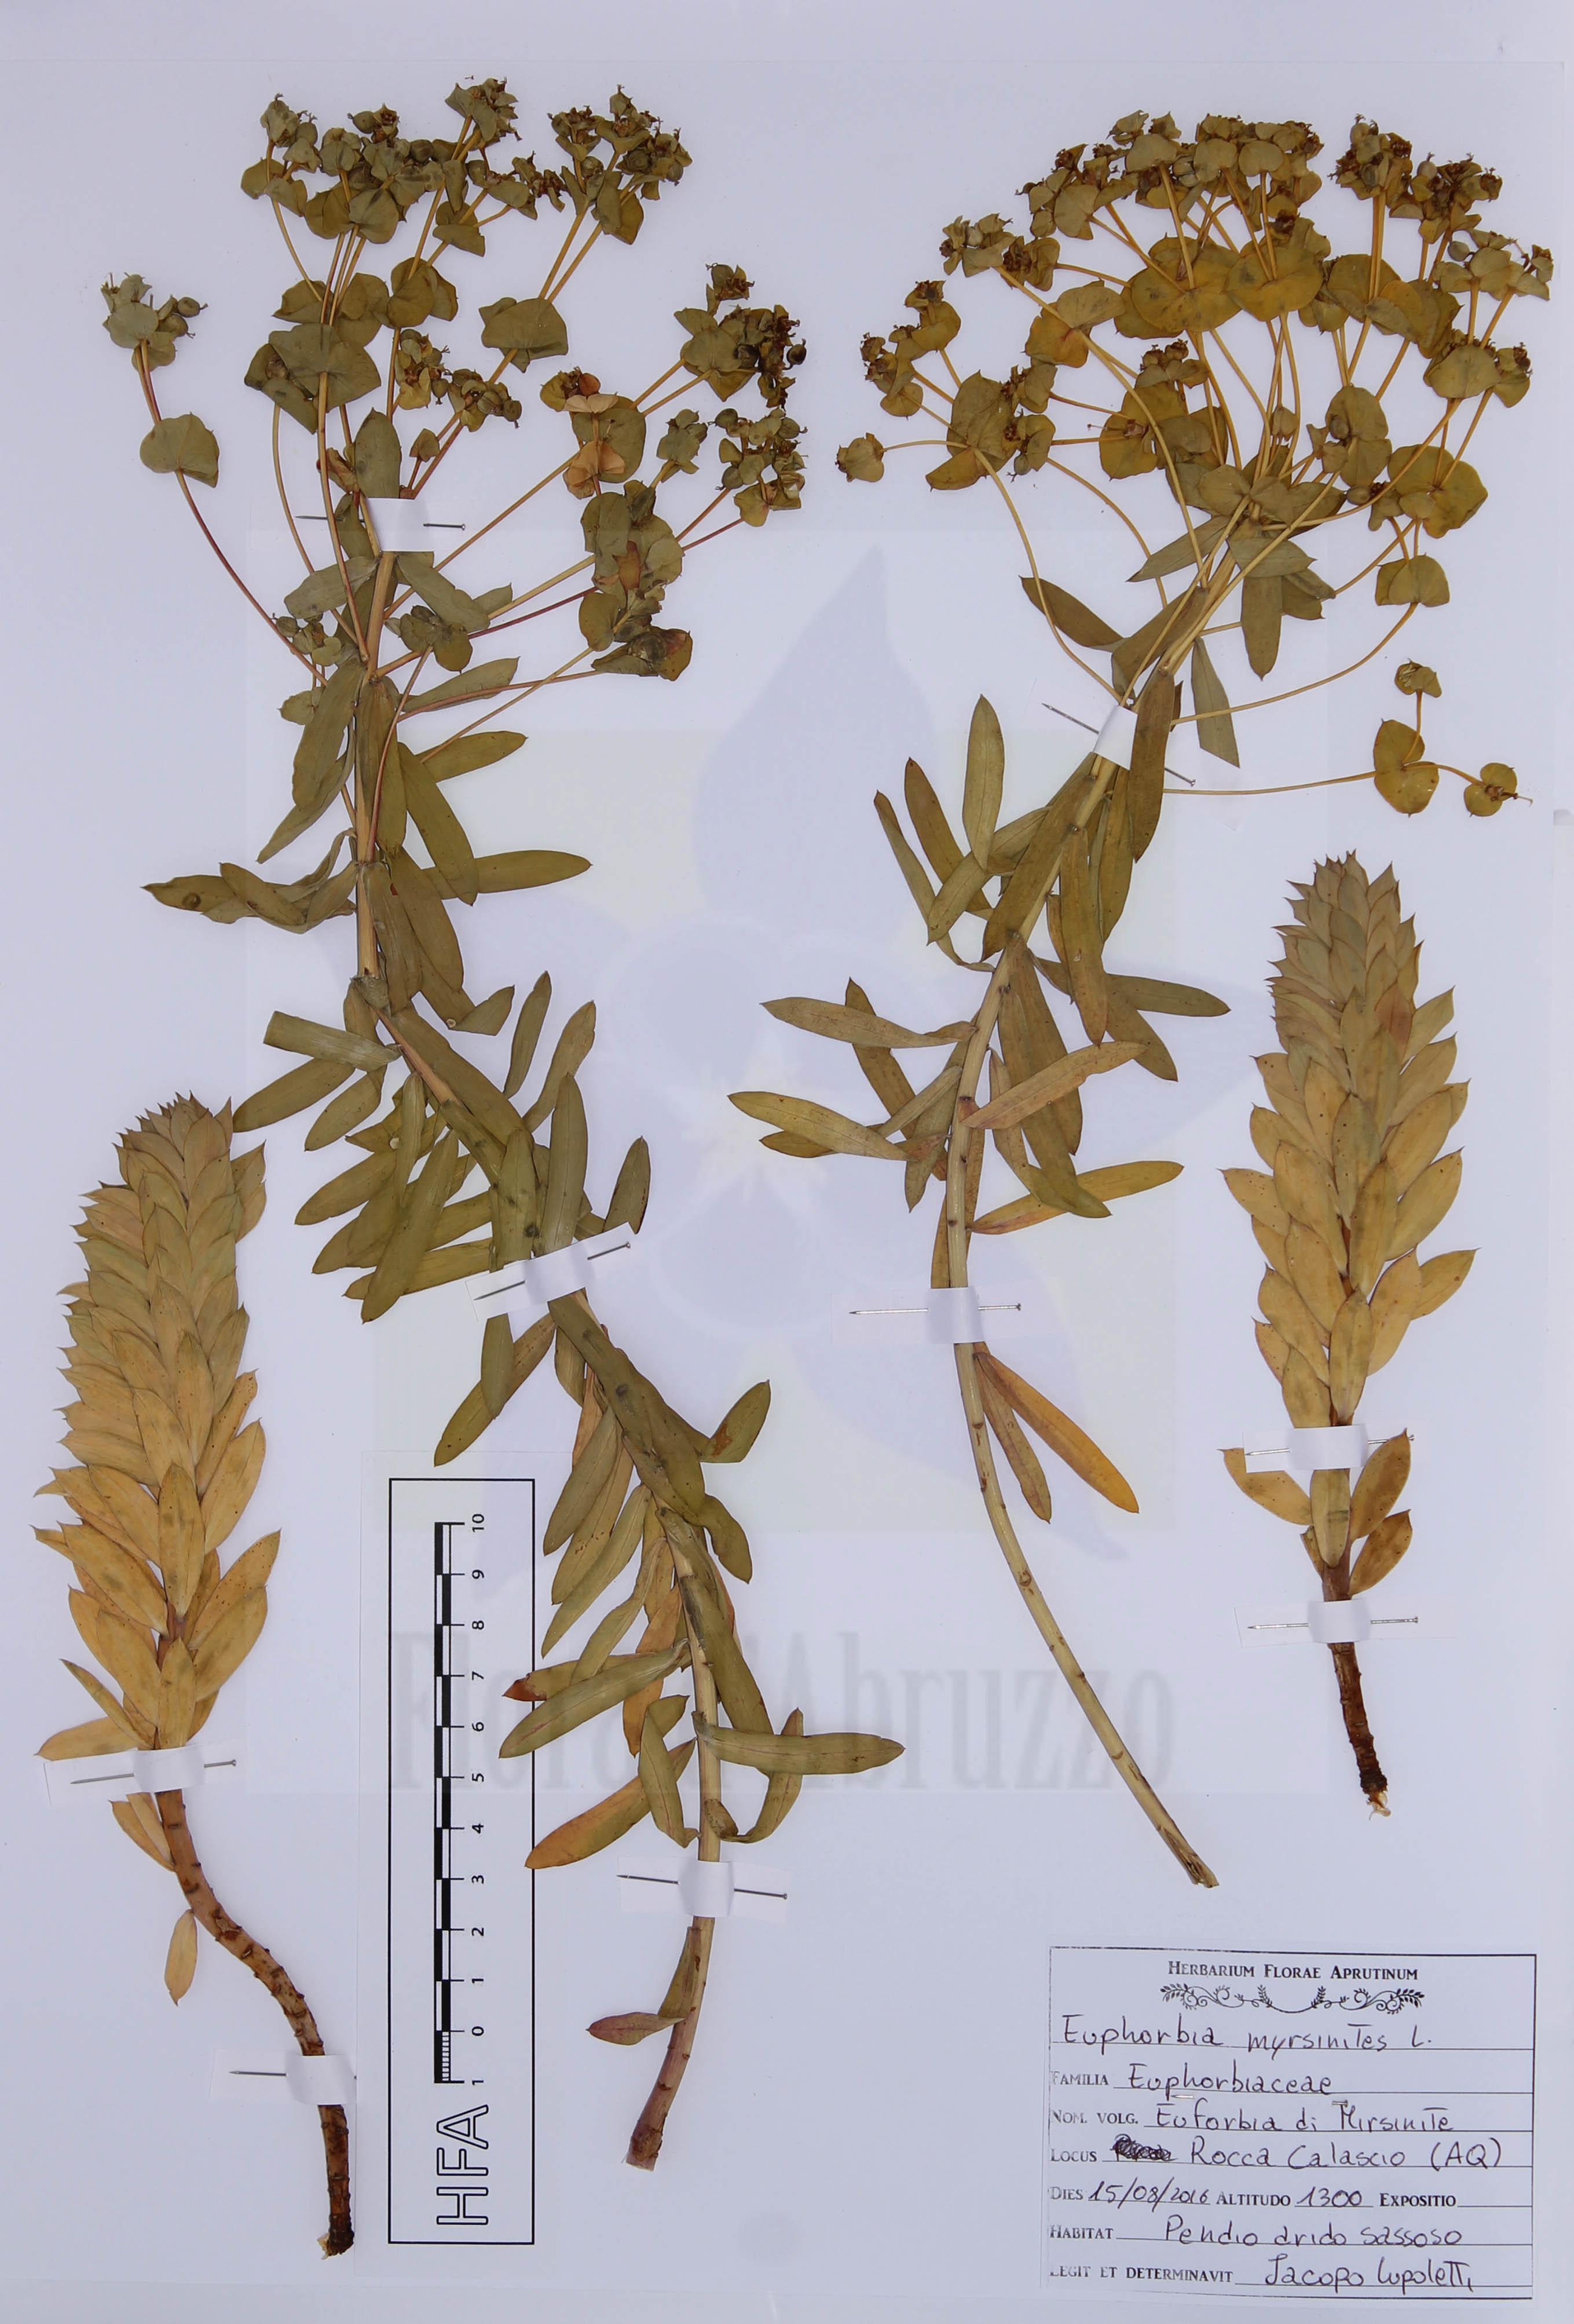 Euphorbia myrsinites L.